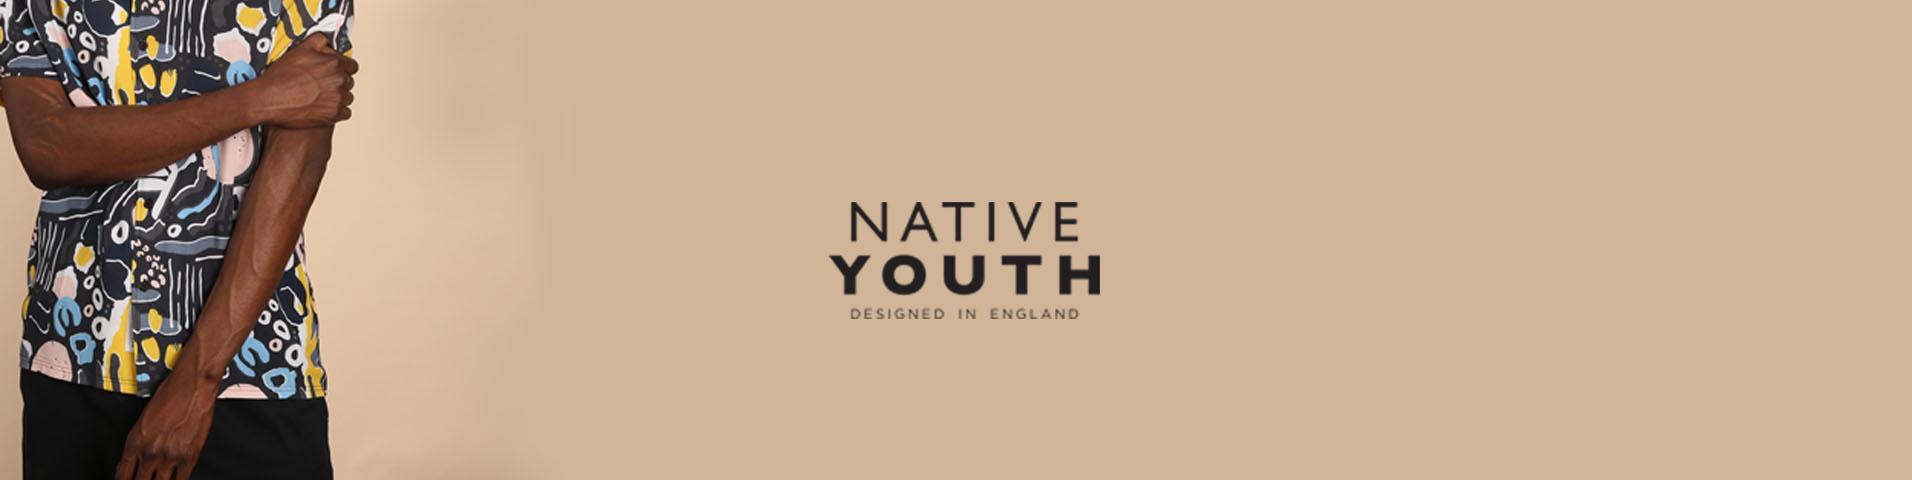 Udendørssko Herrer  De nyeste kollektioner online hos    Native Youth Herrebukser   title=          De nyeste kollektioner online hos